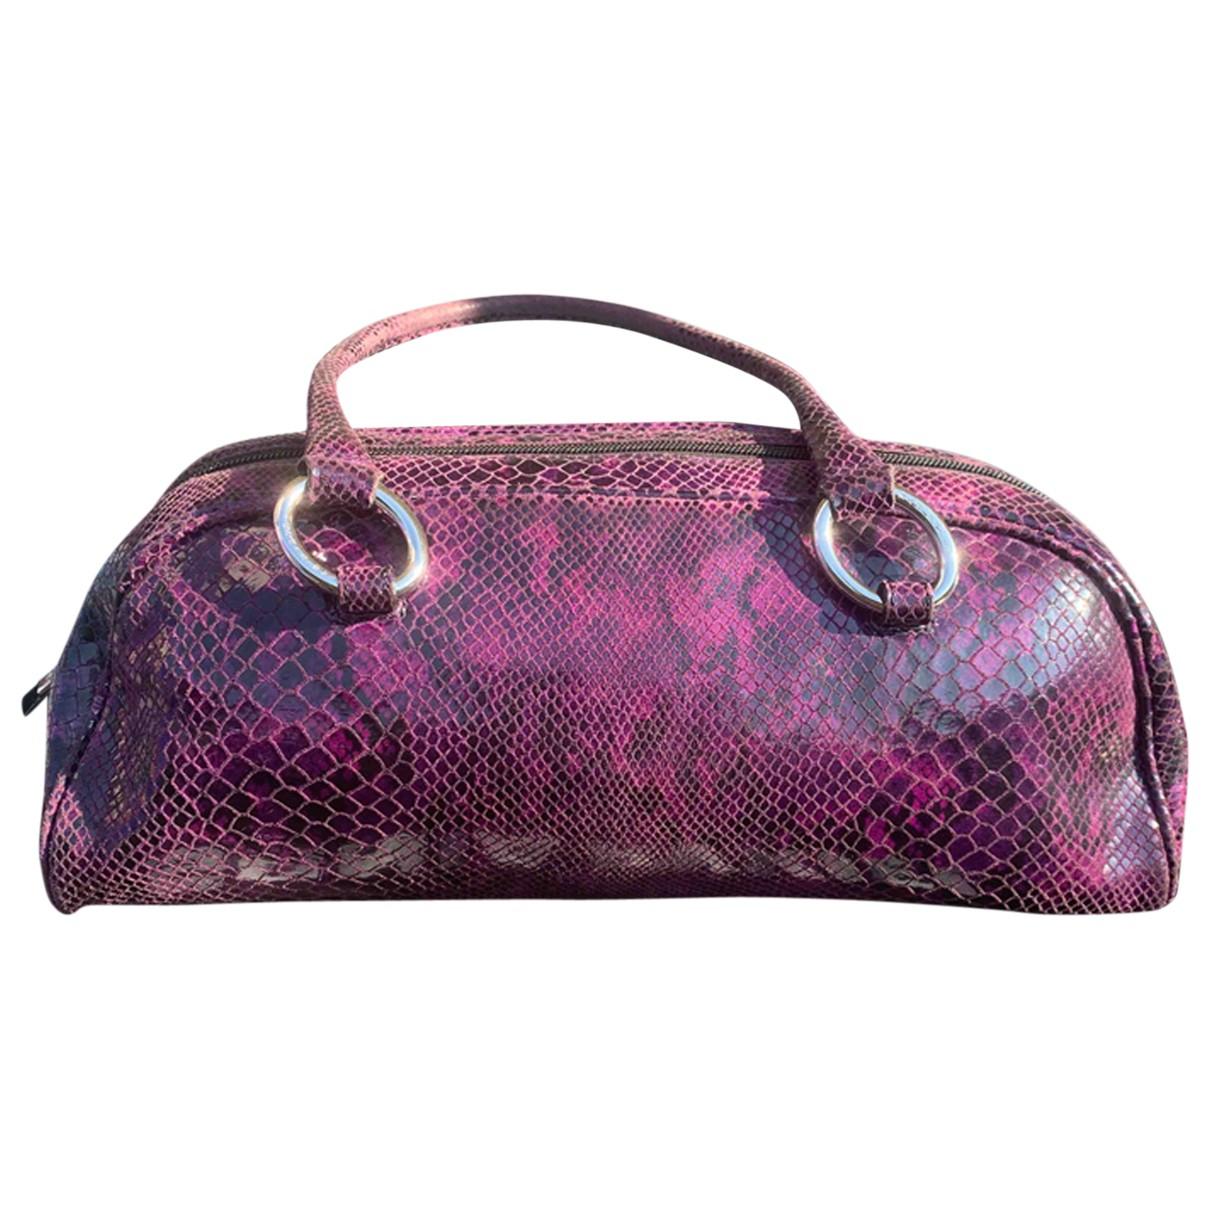 Sonia Rykiel \N Leather handbag for Women \N